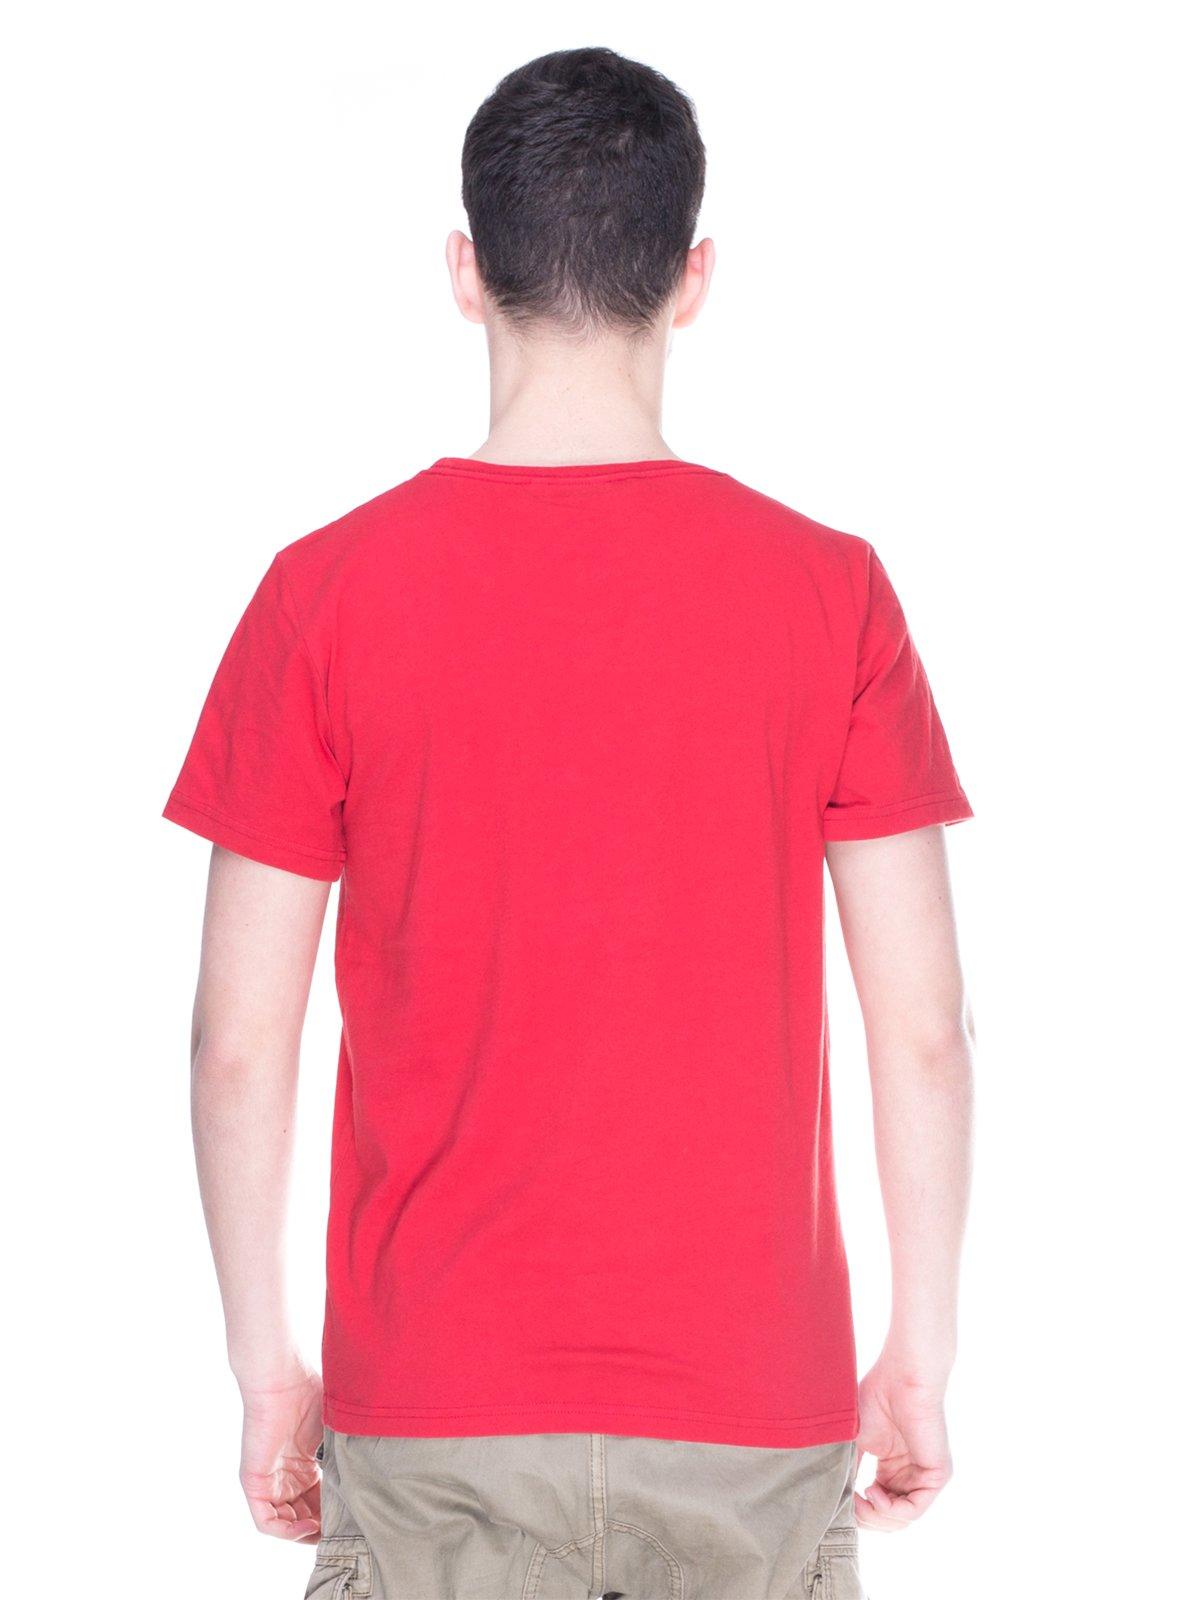 Футболка червона з принтом | 2193082 | фото 2